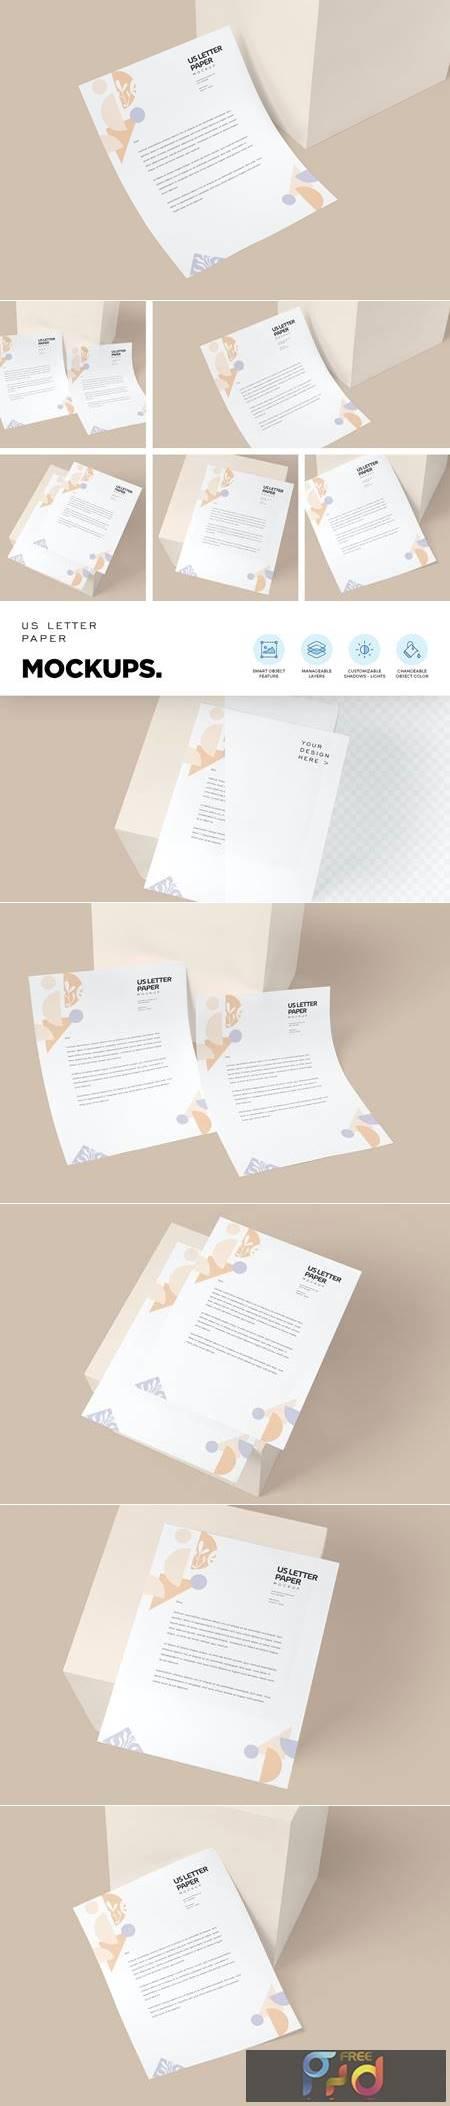 US Letter Paper Mockups SVE27BA 1